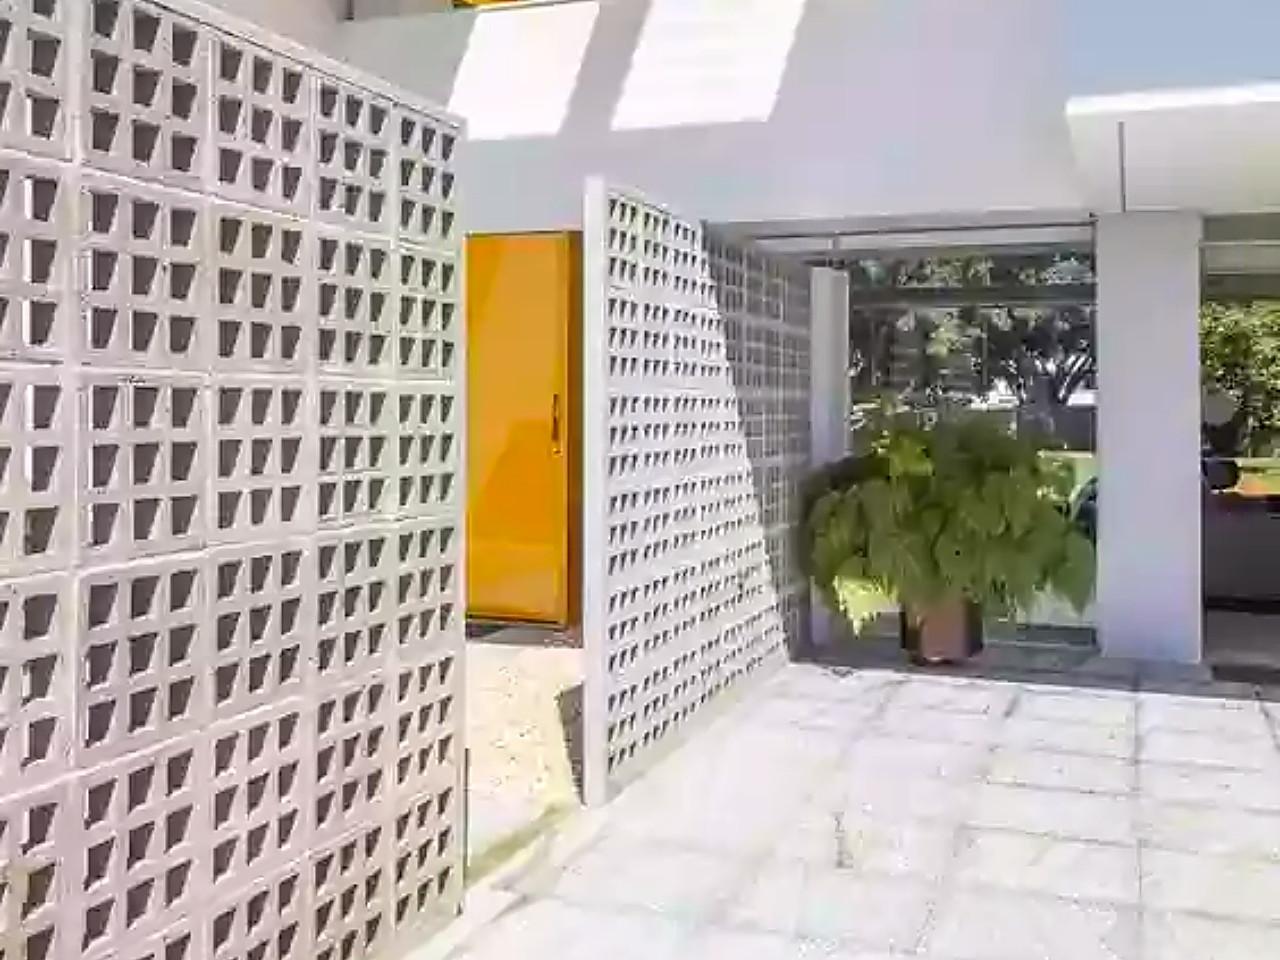 jenis-roster-beton.jpg